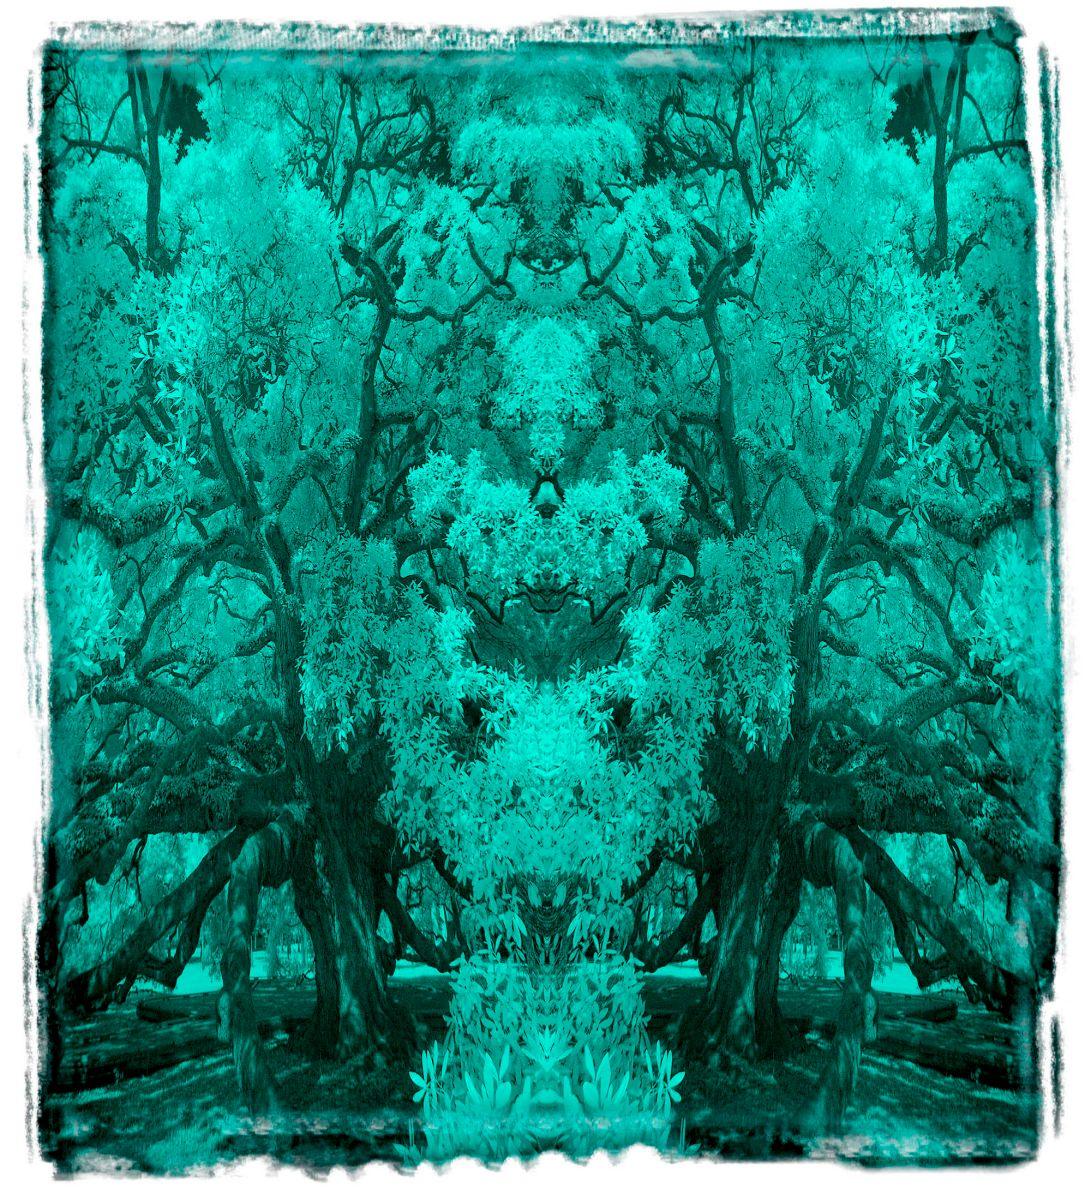 treaty oak, fl'12 3659a